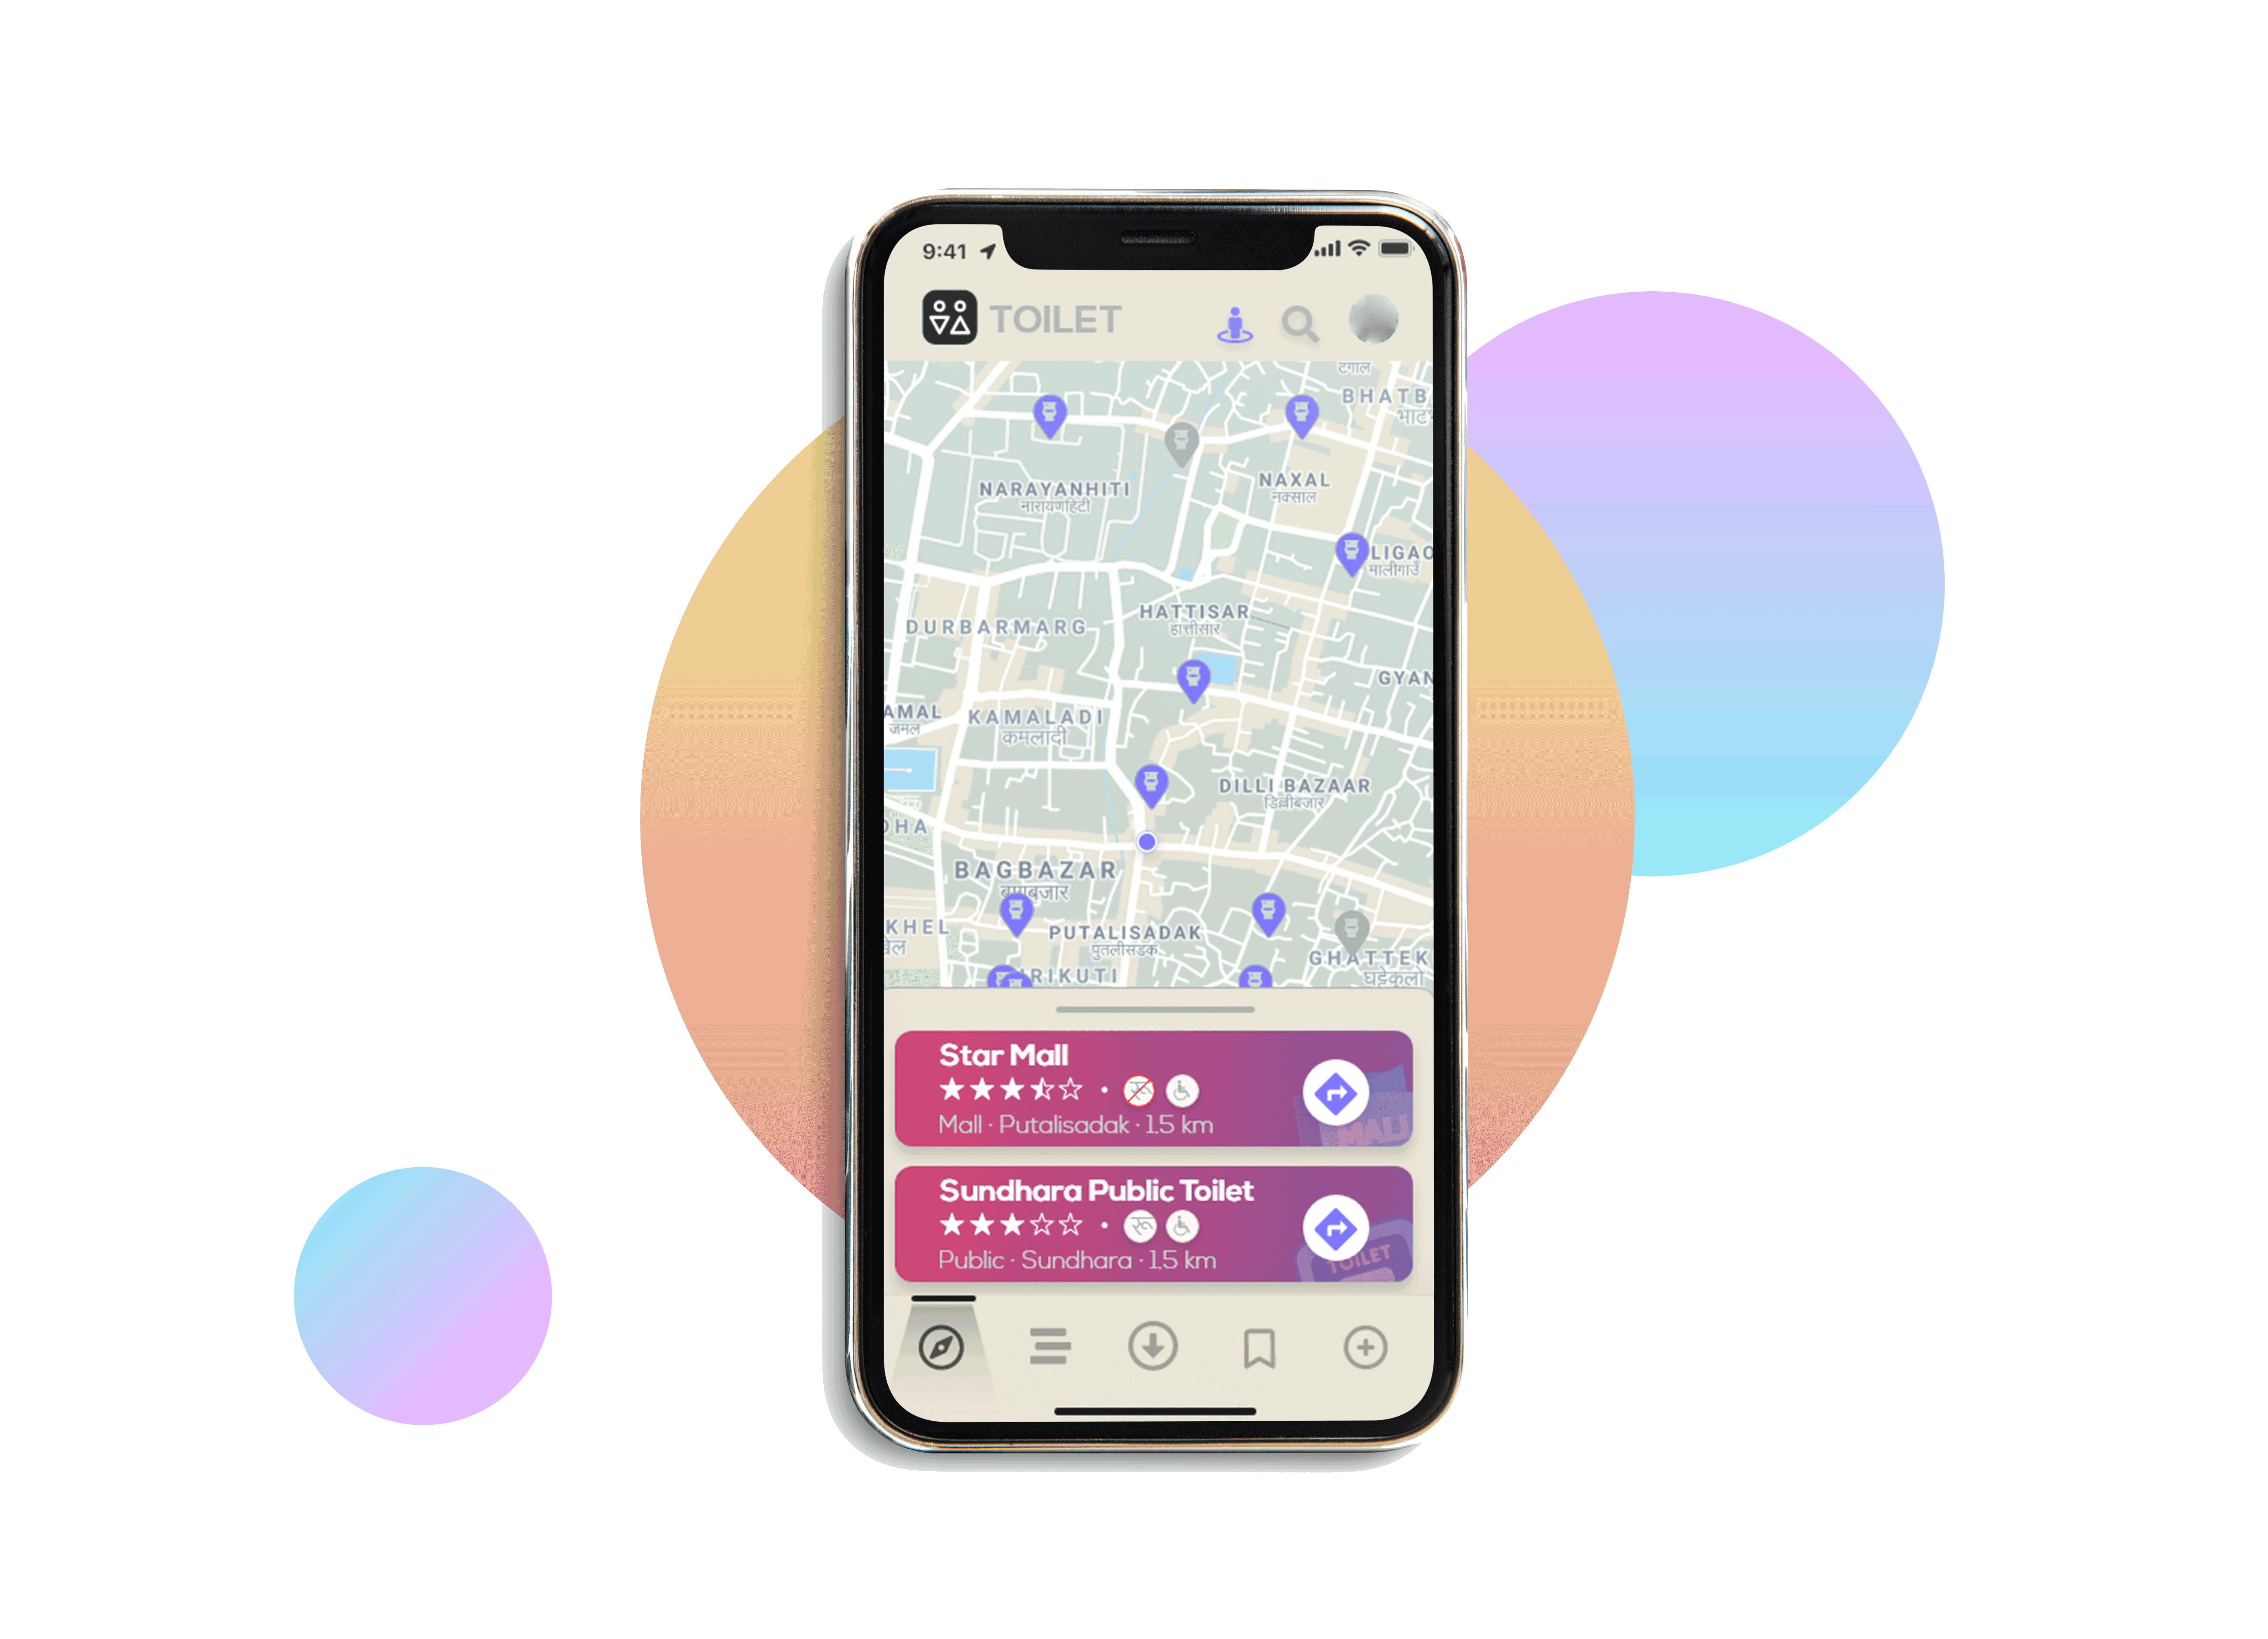 Toilet App Prototype